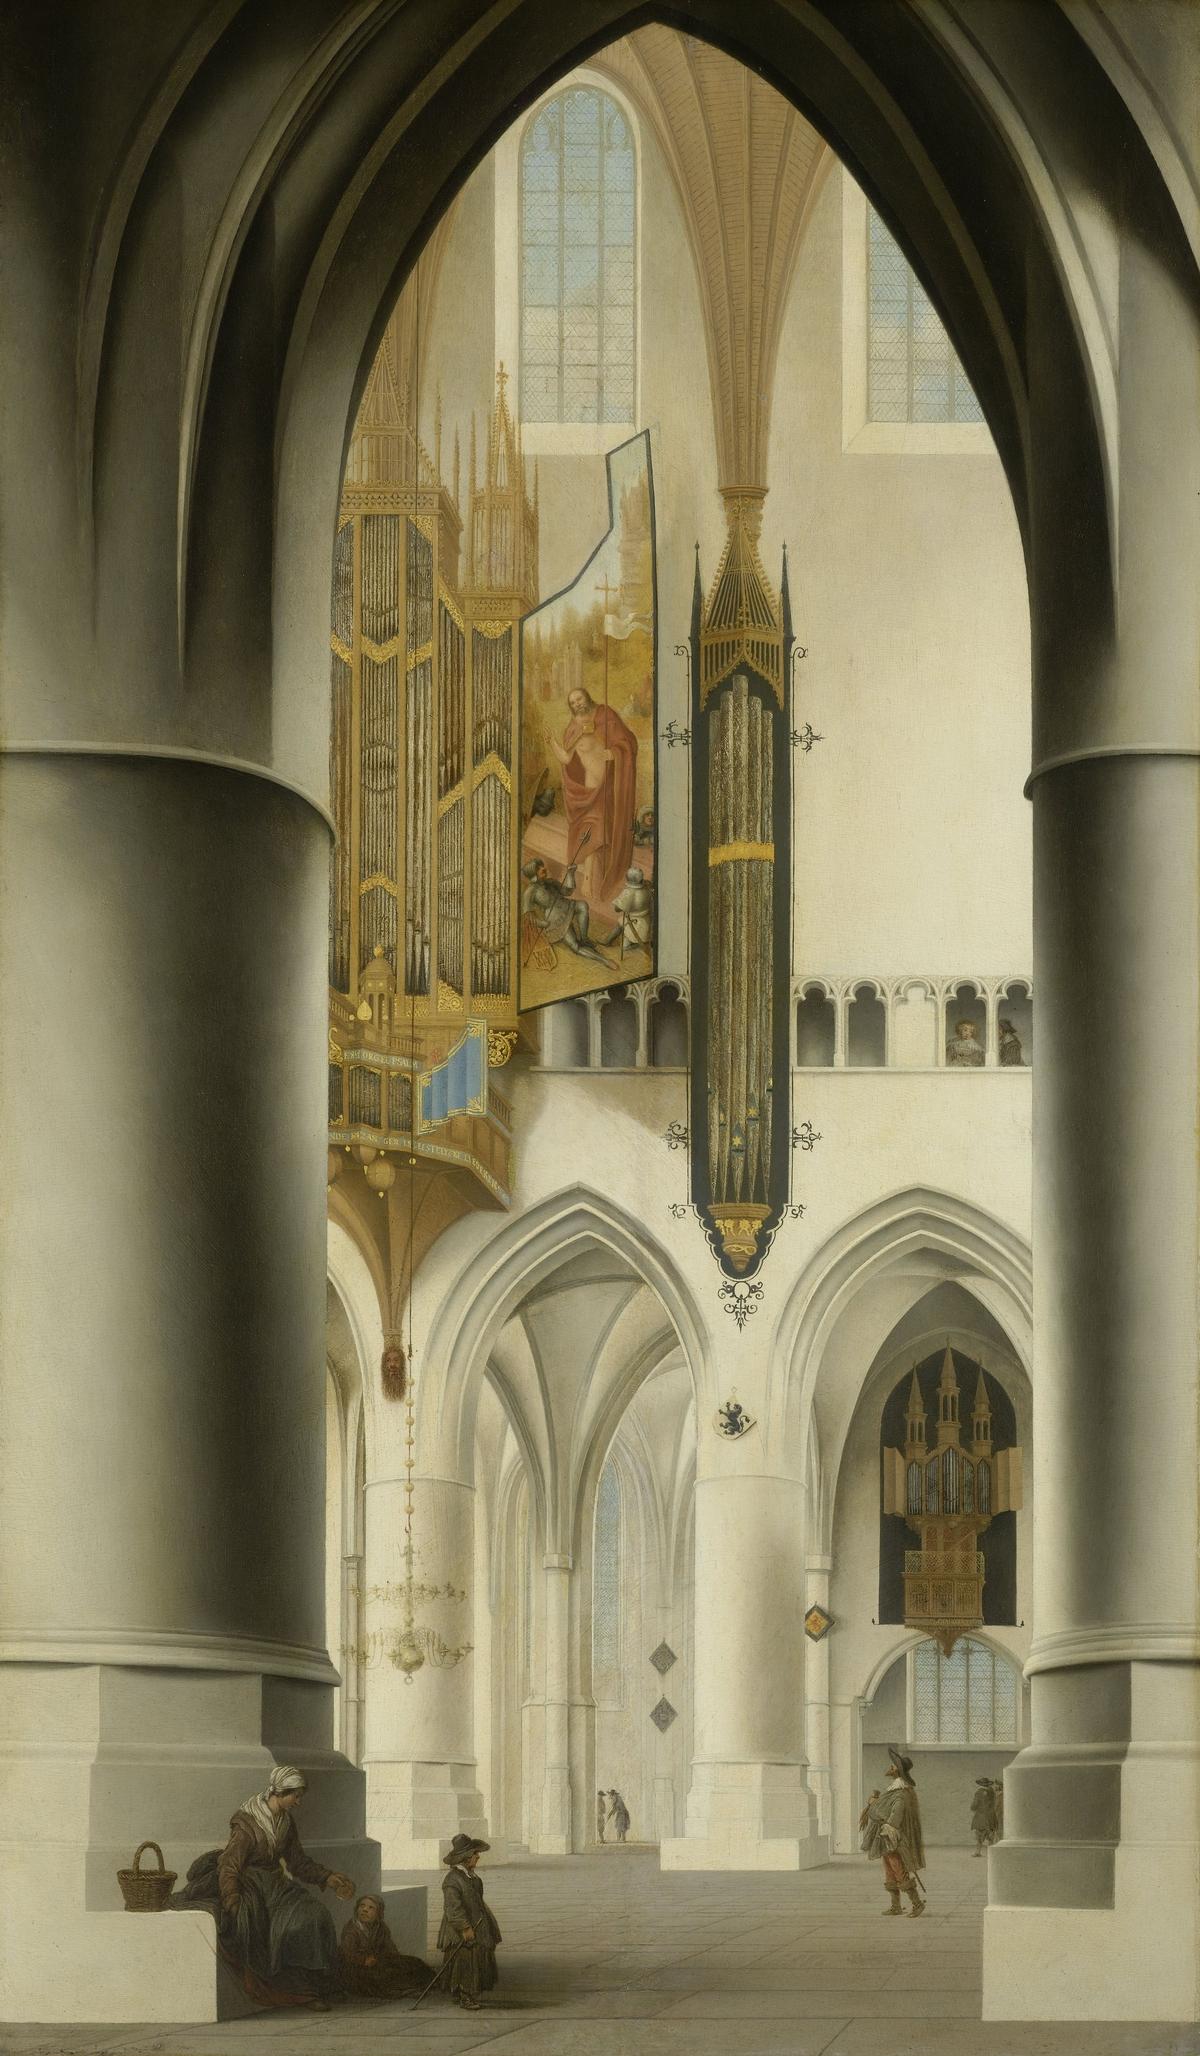 Interior of the Church of St Bavo in Haarlem, Pieter Jansz. Saenredam, 1636